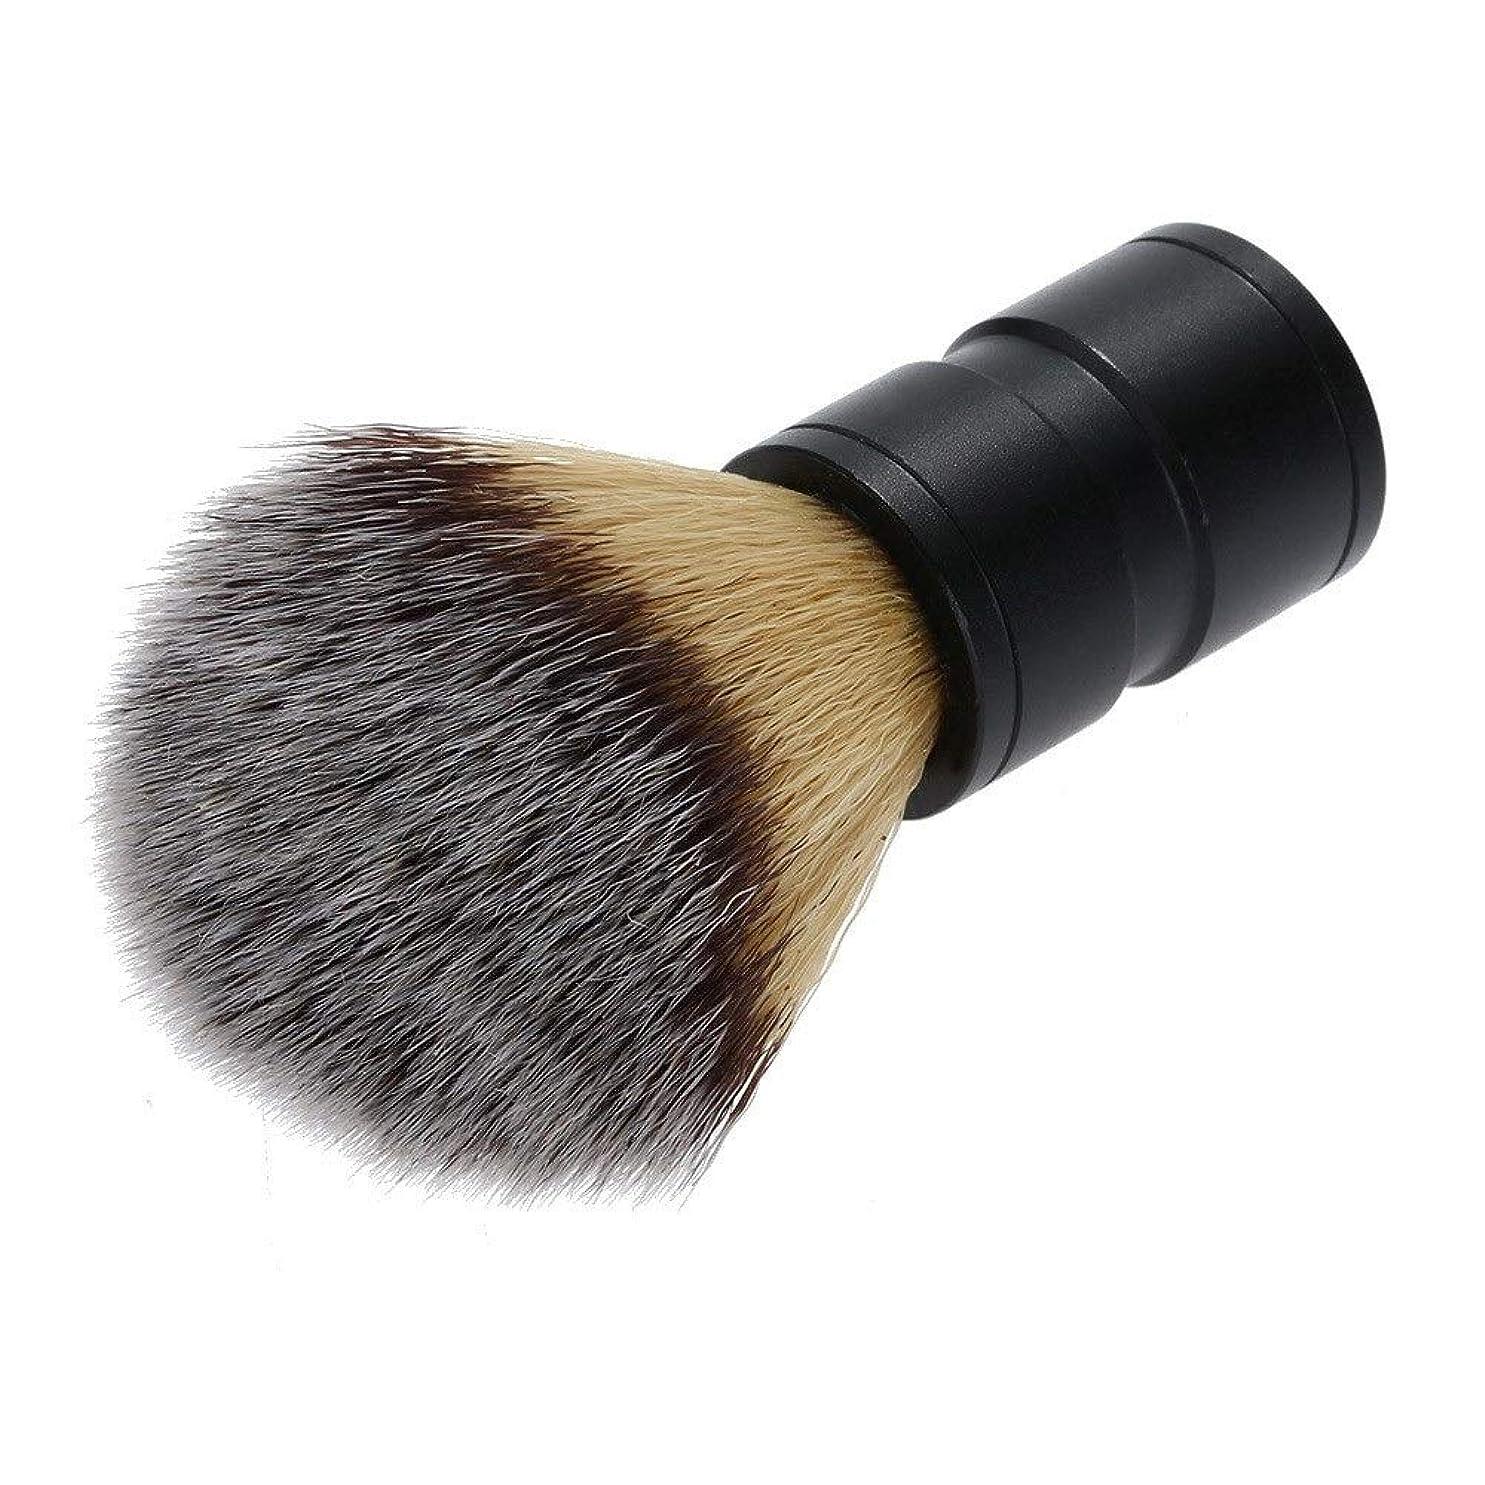 ベンチキャプチャー時計回りシェービングブラシ ひげブラシ シェービングブラシ プレゼント 理容 洗顔 髭剃り 泡立ち メンズ用 親父 ご主人 ボーイフレンド 友人にプレゼント クリスマスプレゼント